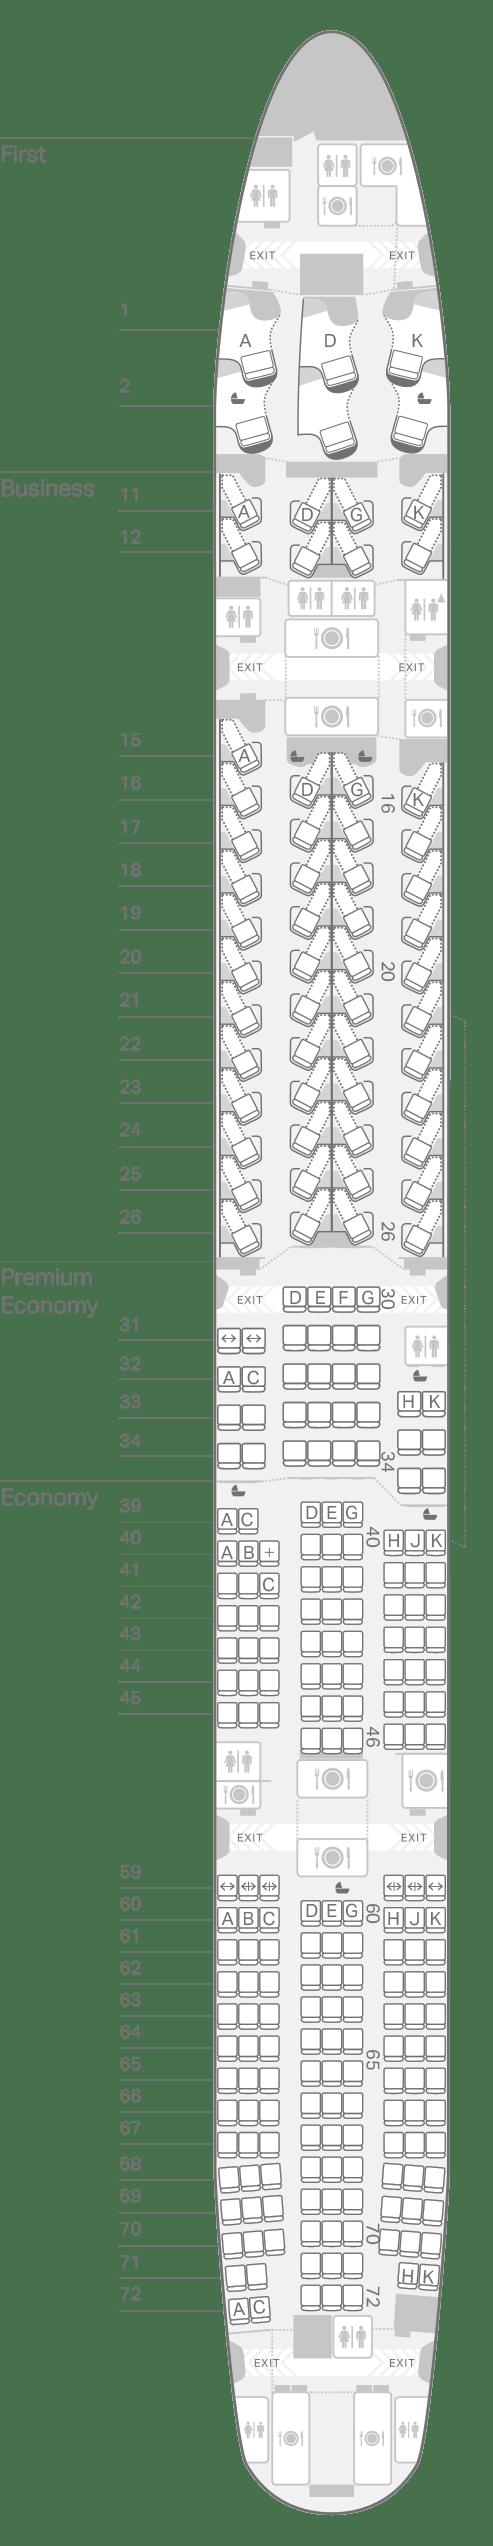 777 300 77h Seating Plan